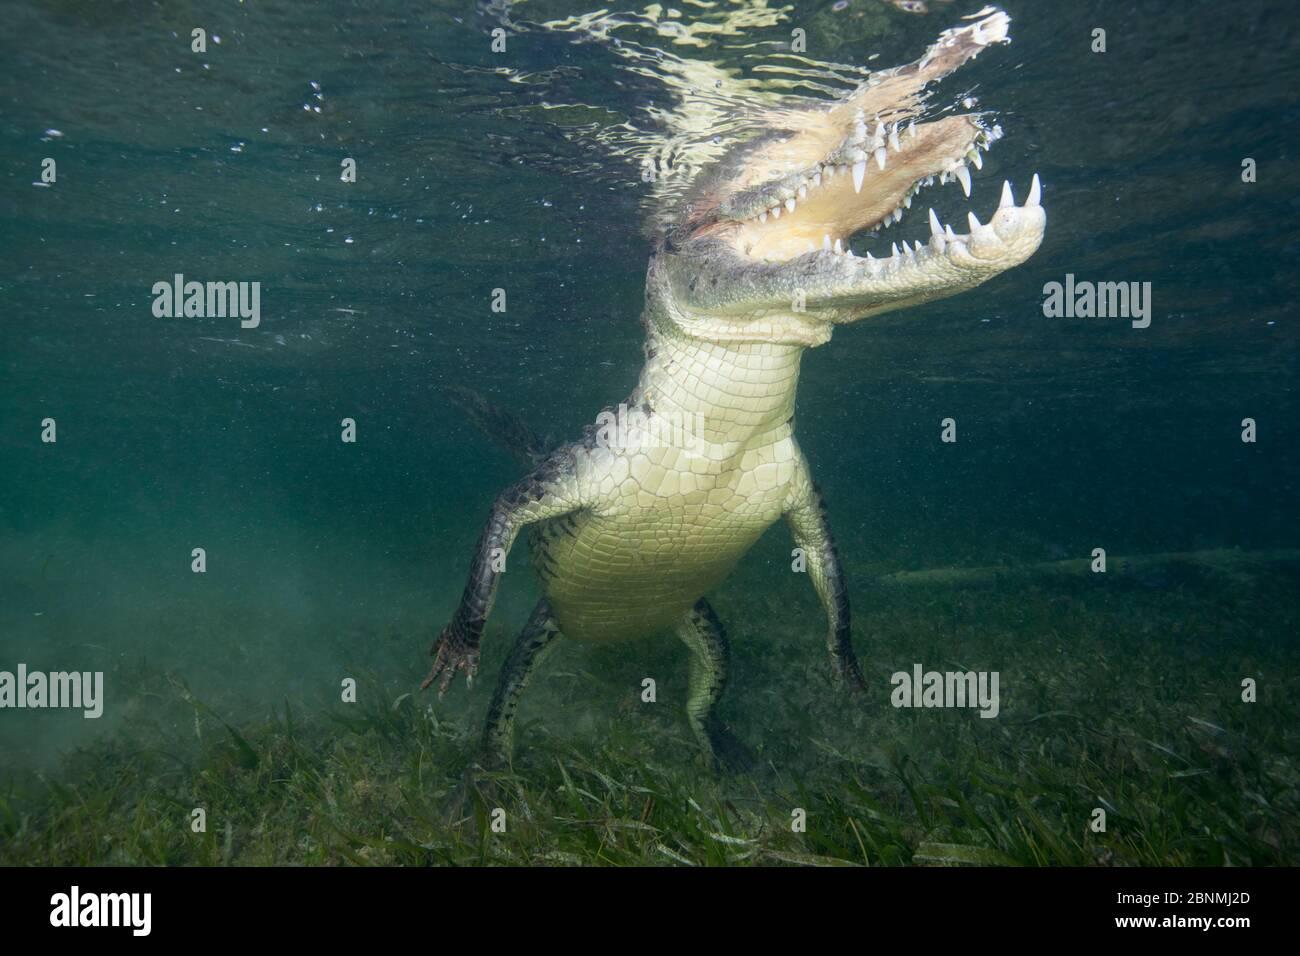 Coccodrillo americano (coccodrillo acutus) che si affaccia a fiato, Banco Chintorro Biosfera Reserve, Caraibi regione, Messico Foto Stock